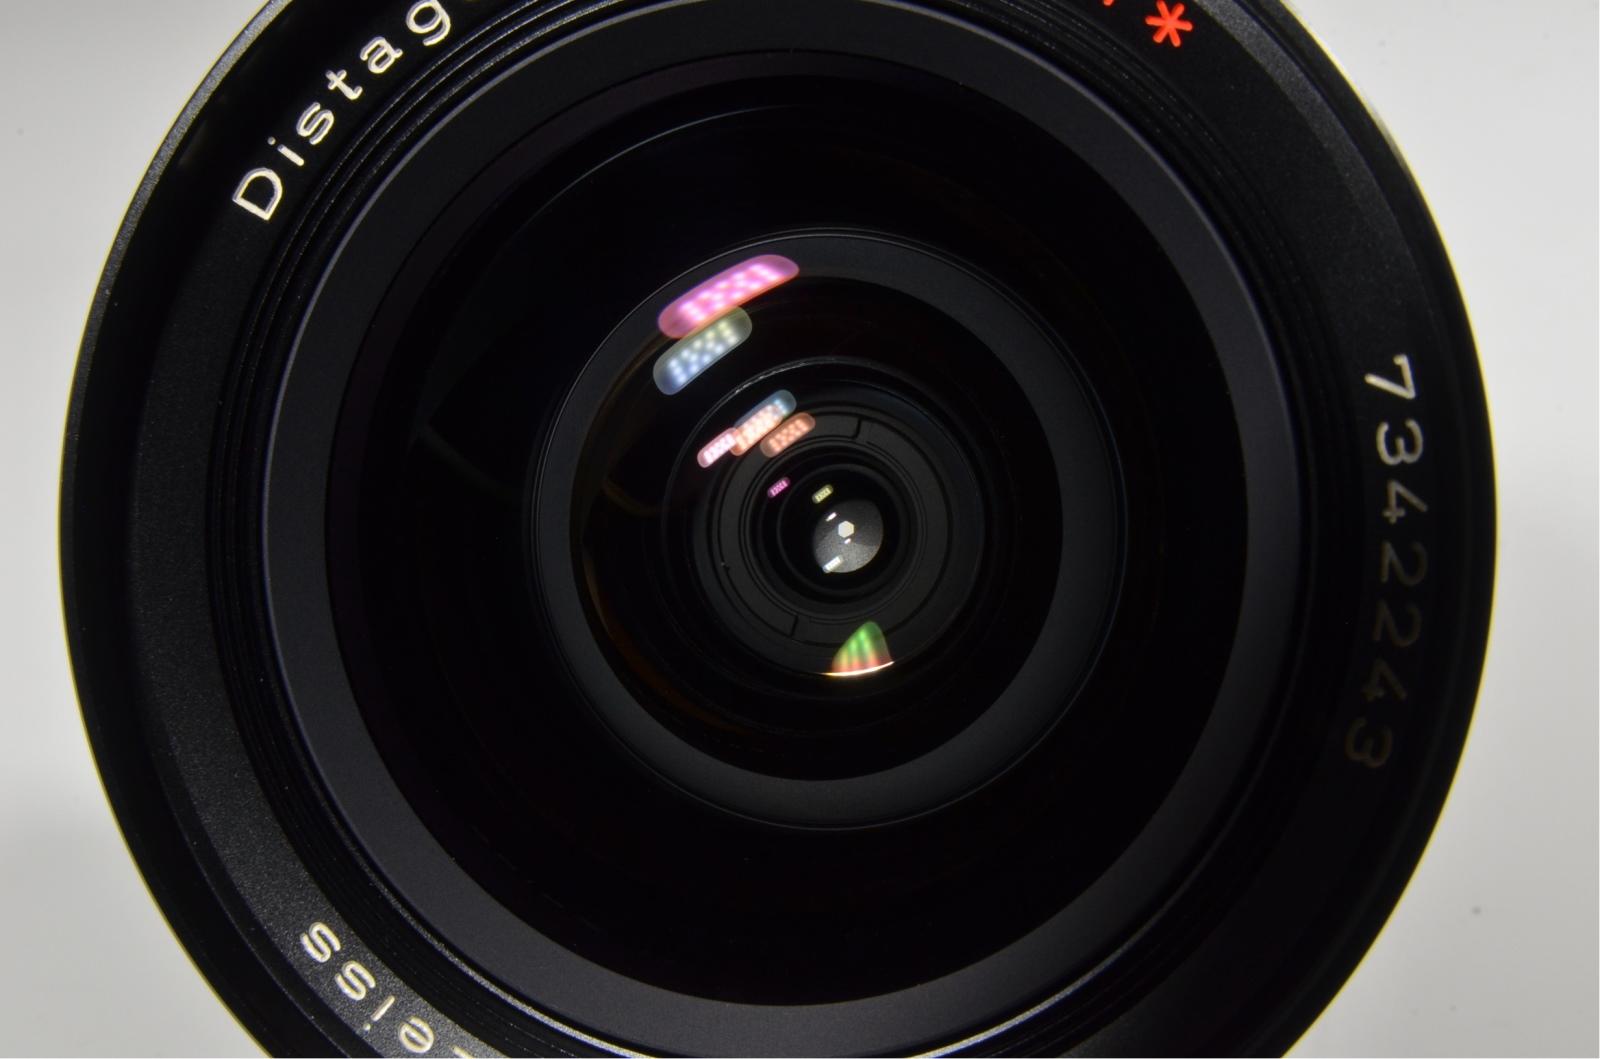 contax carl zeiss distagon t* 18mm f4 mmj